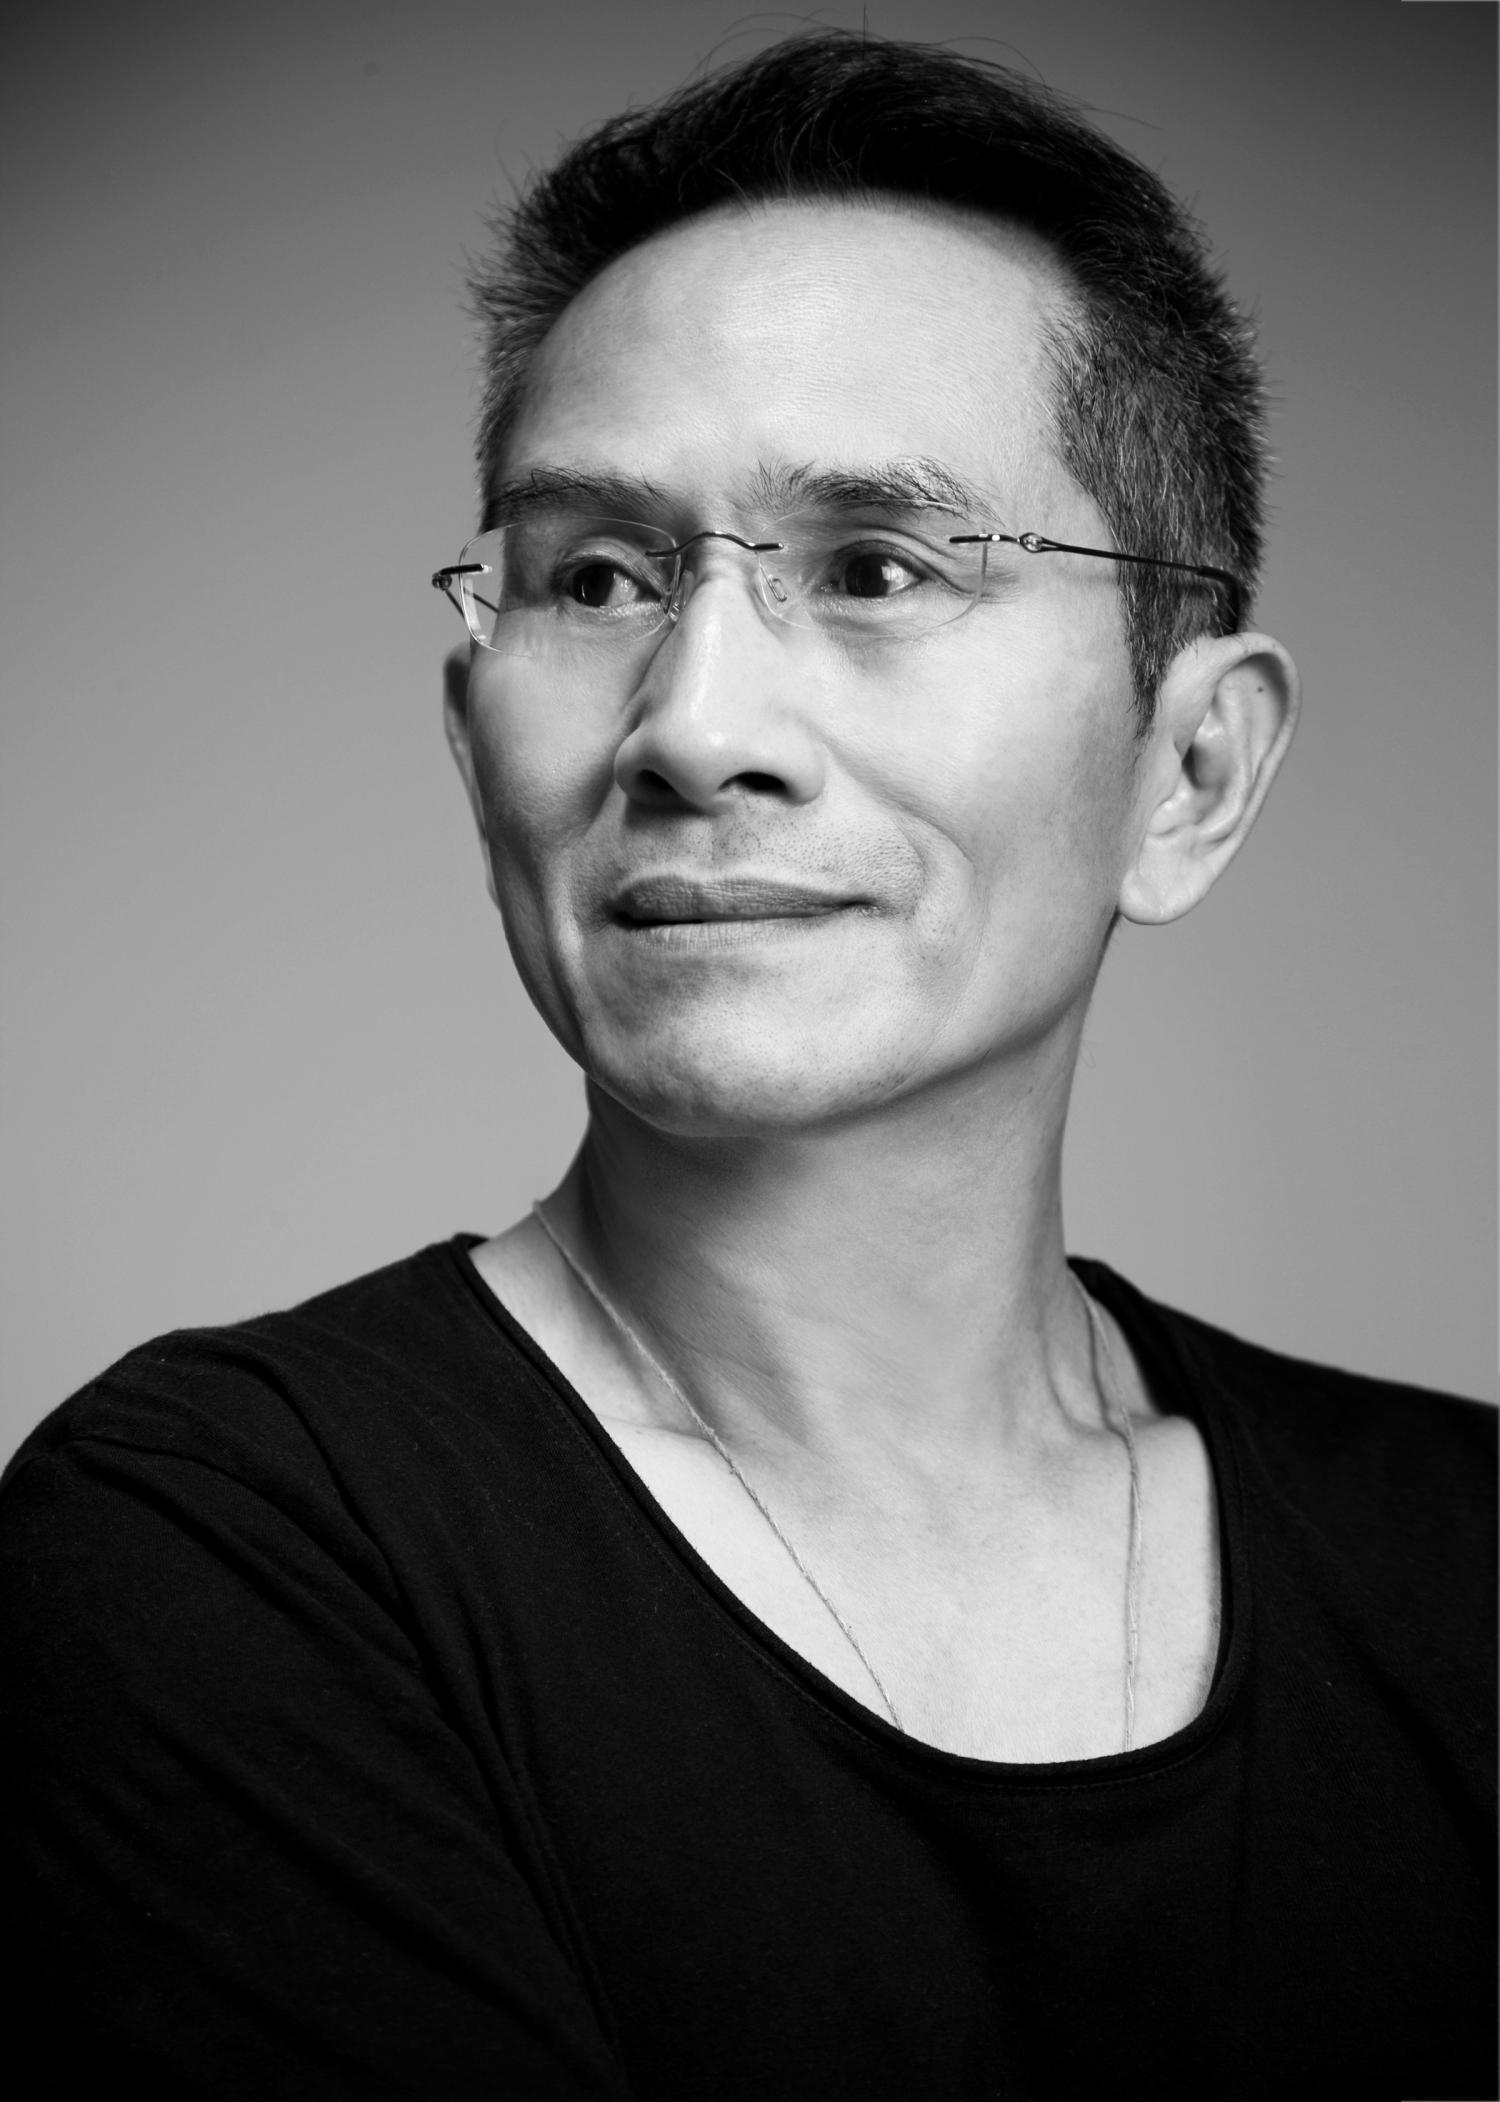 Lin Hwai-min